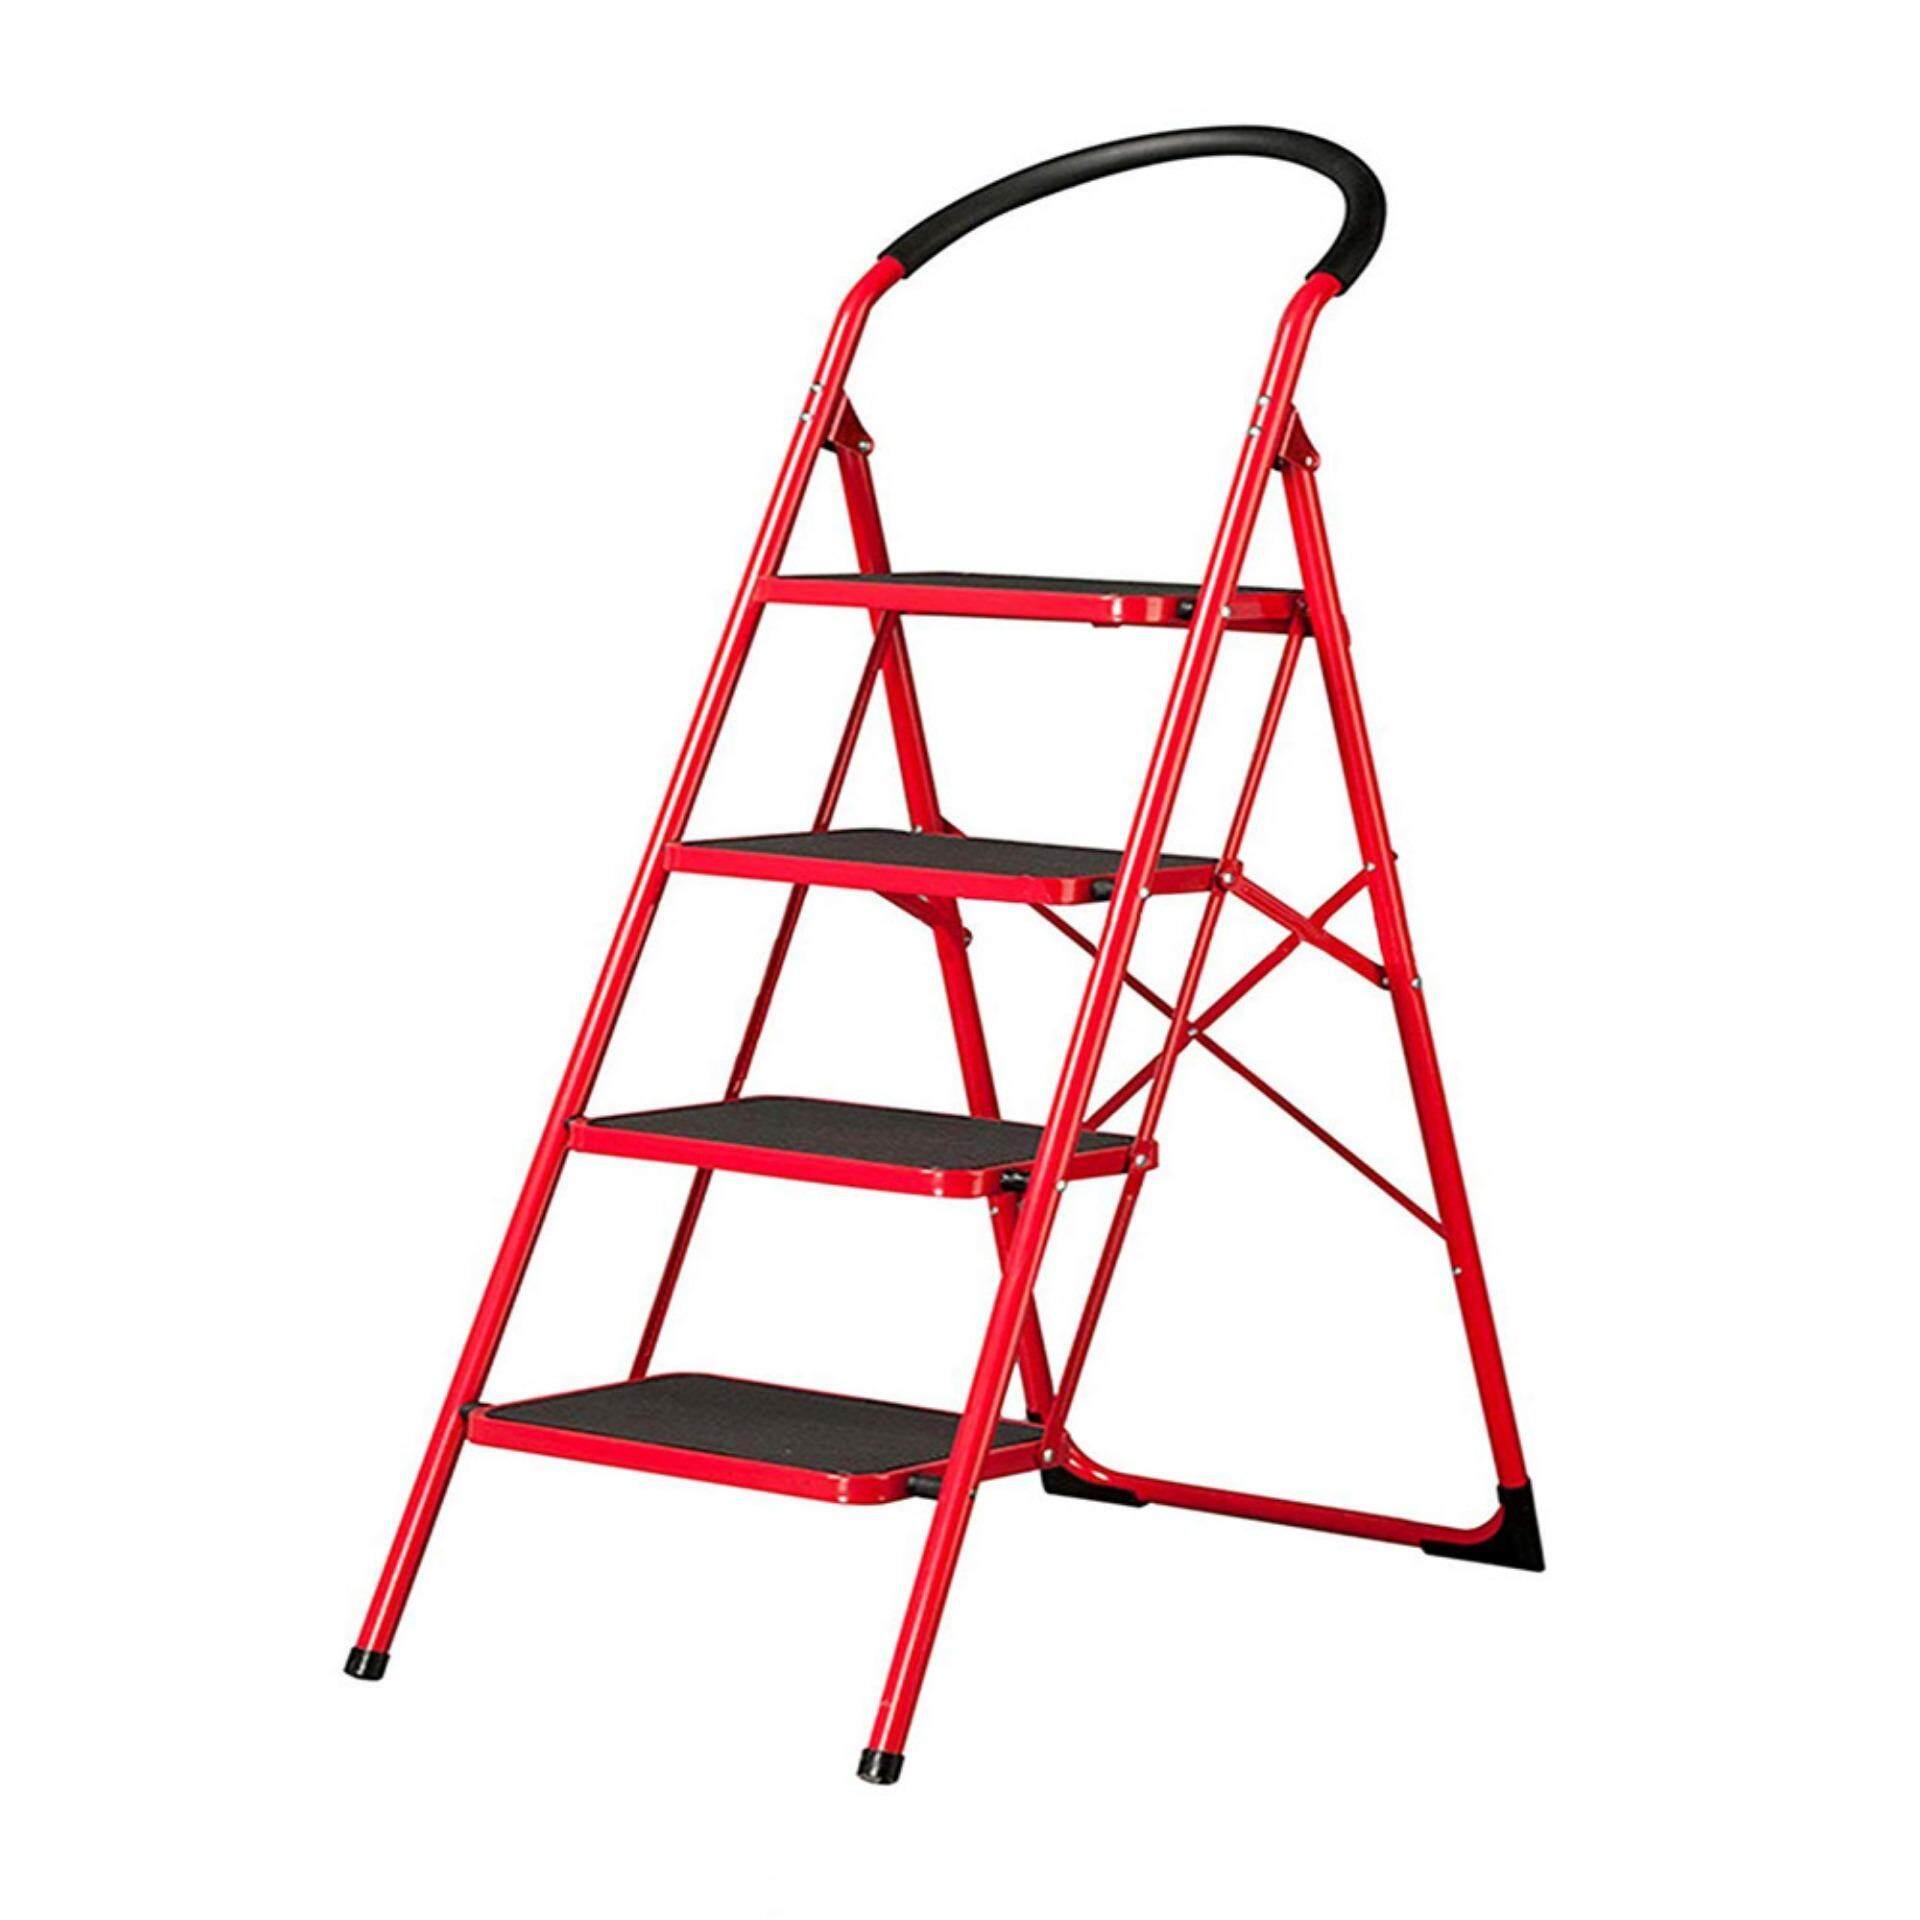 Heavy Duty Foldab Stool Ladder With Hand Grip [3 - 5 STEP] #OTH-1003